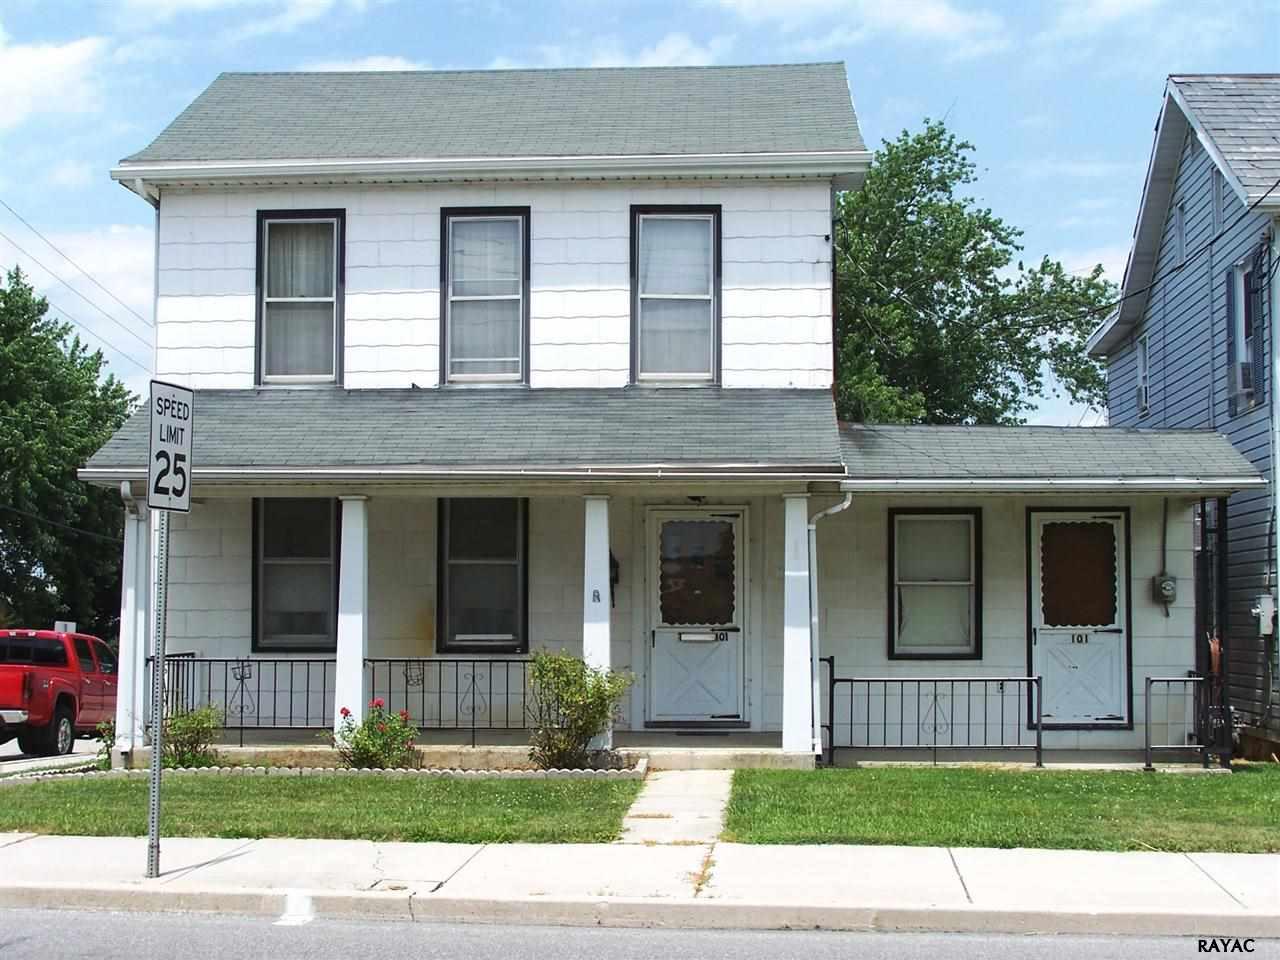 101 Main St, Mc Sherrystown, PA 17344